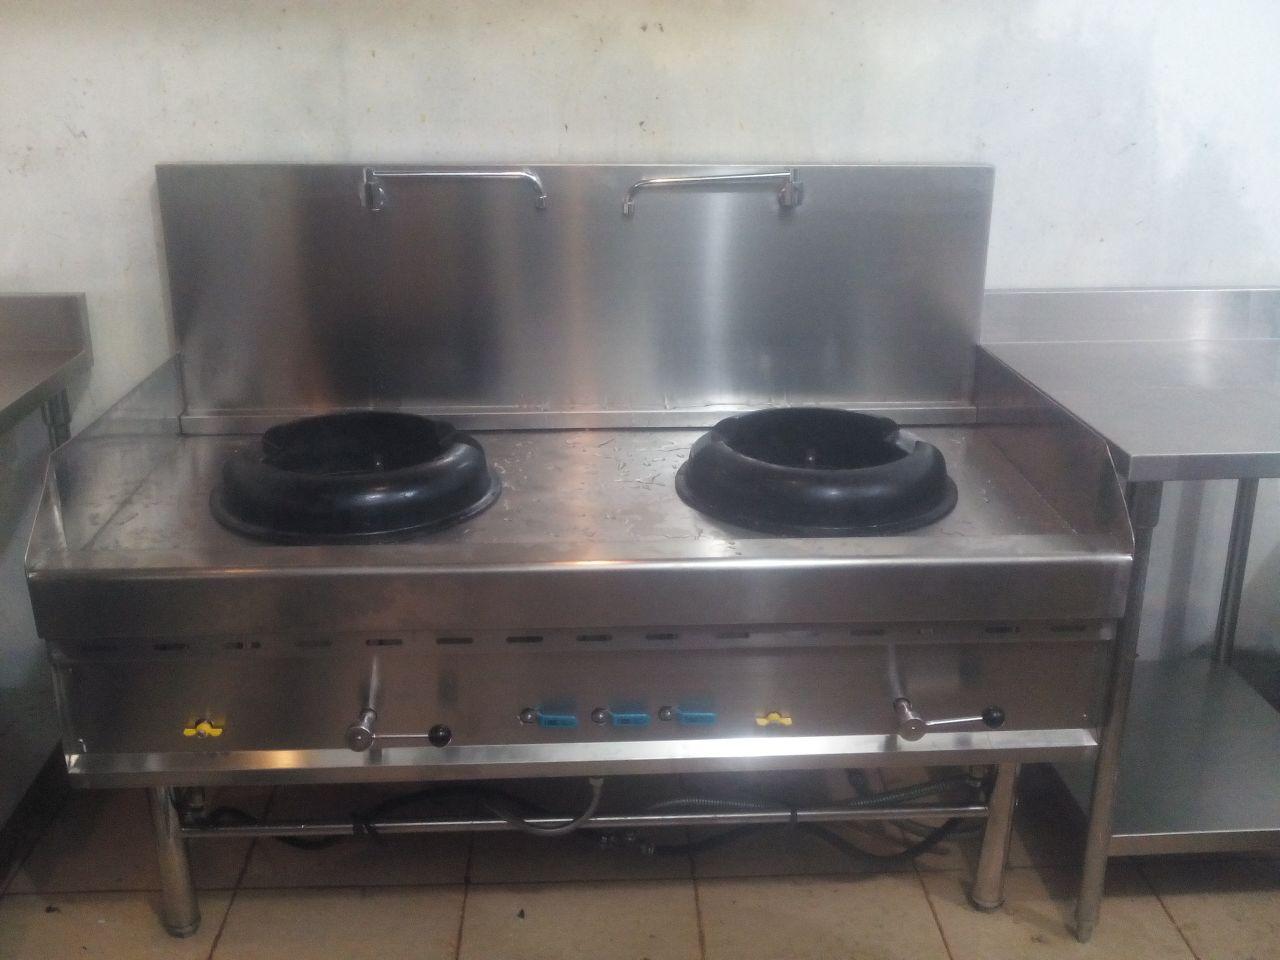 Harga Peralatan Dapur Stainless Steel Desainrumahid